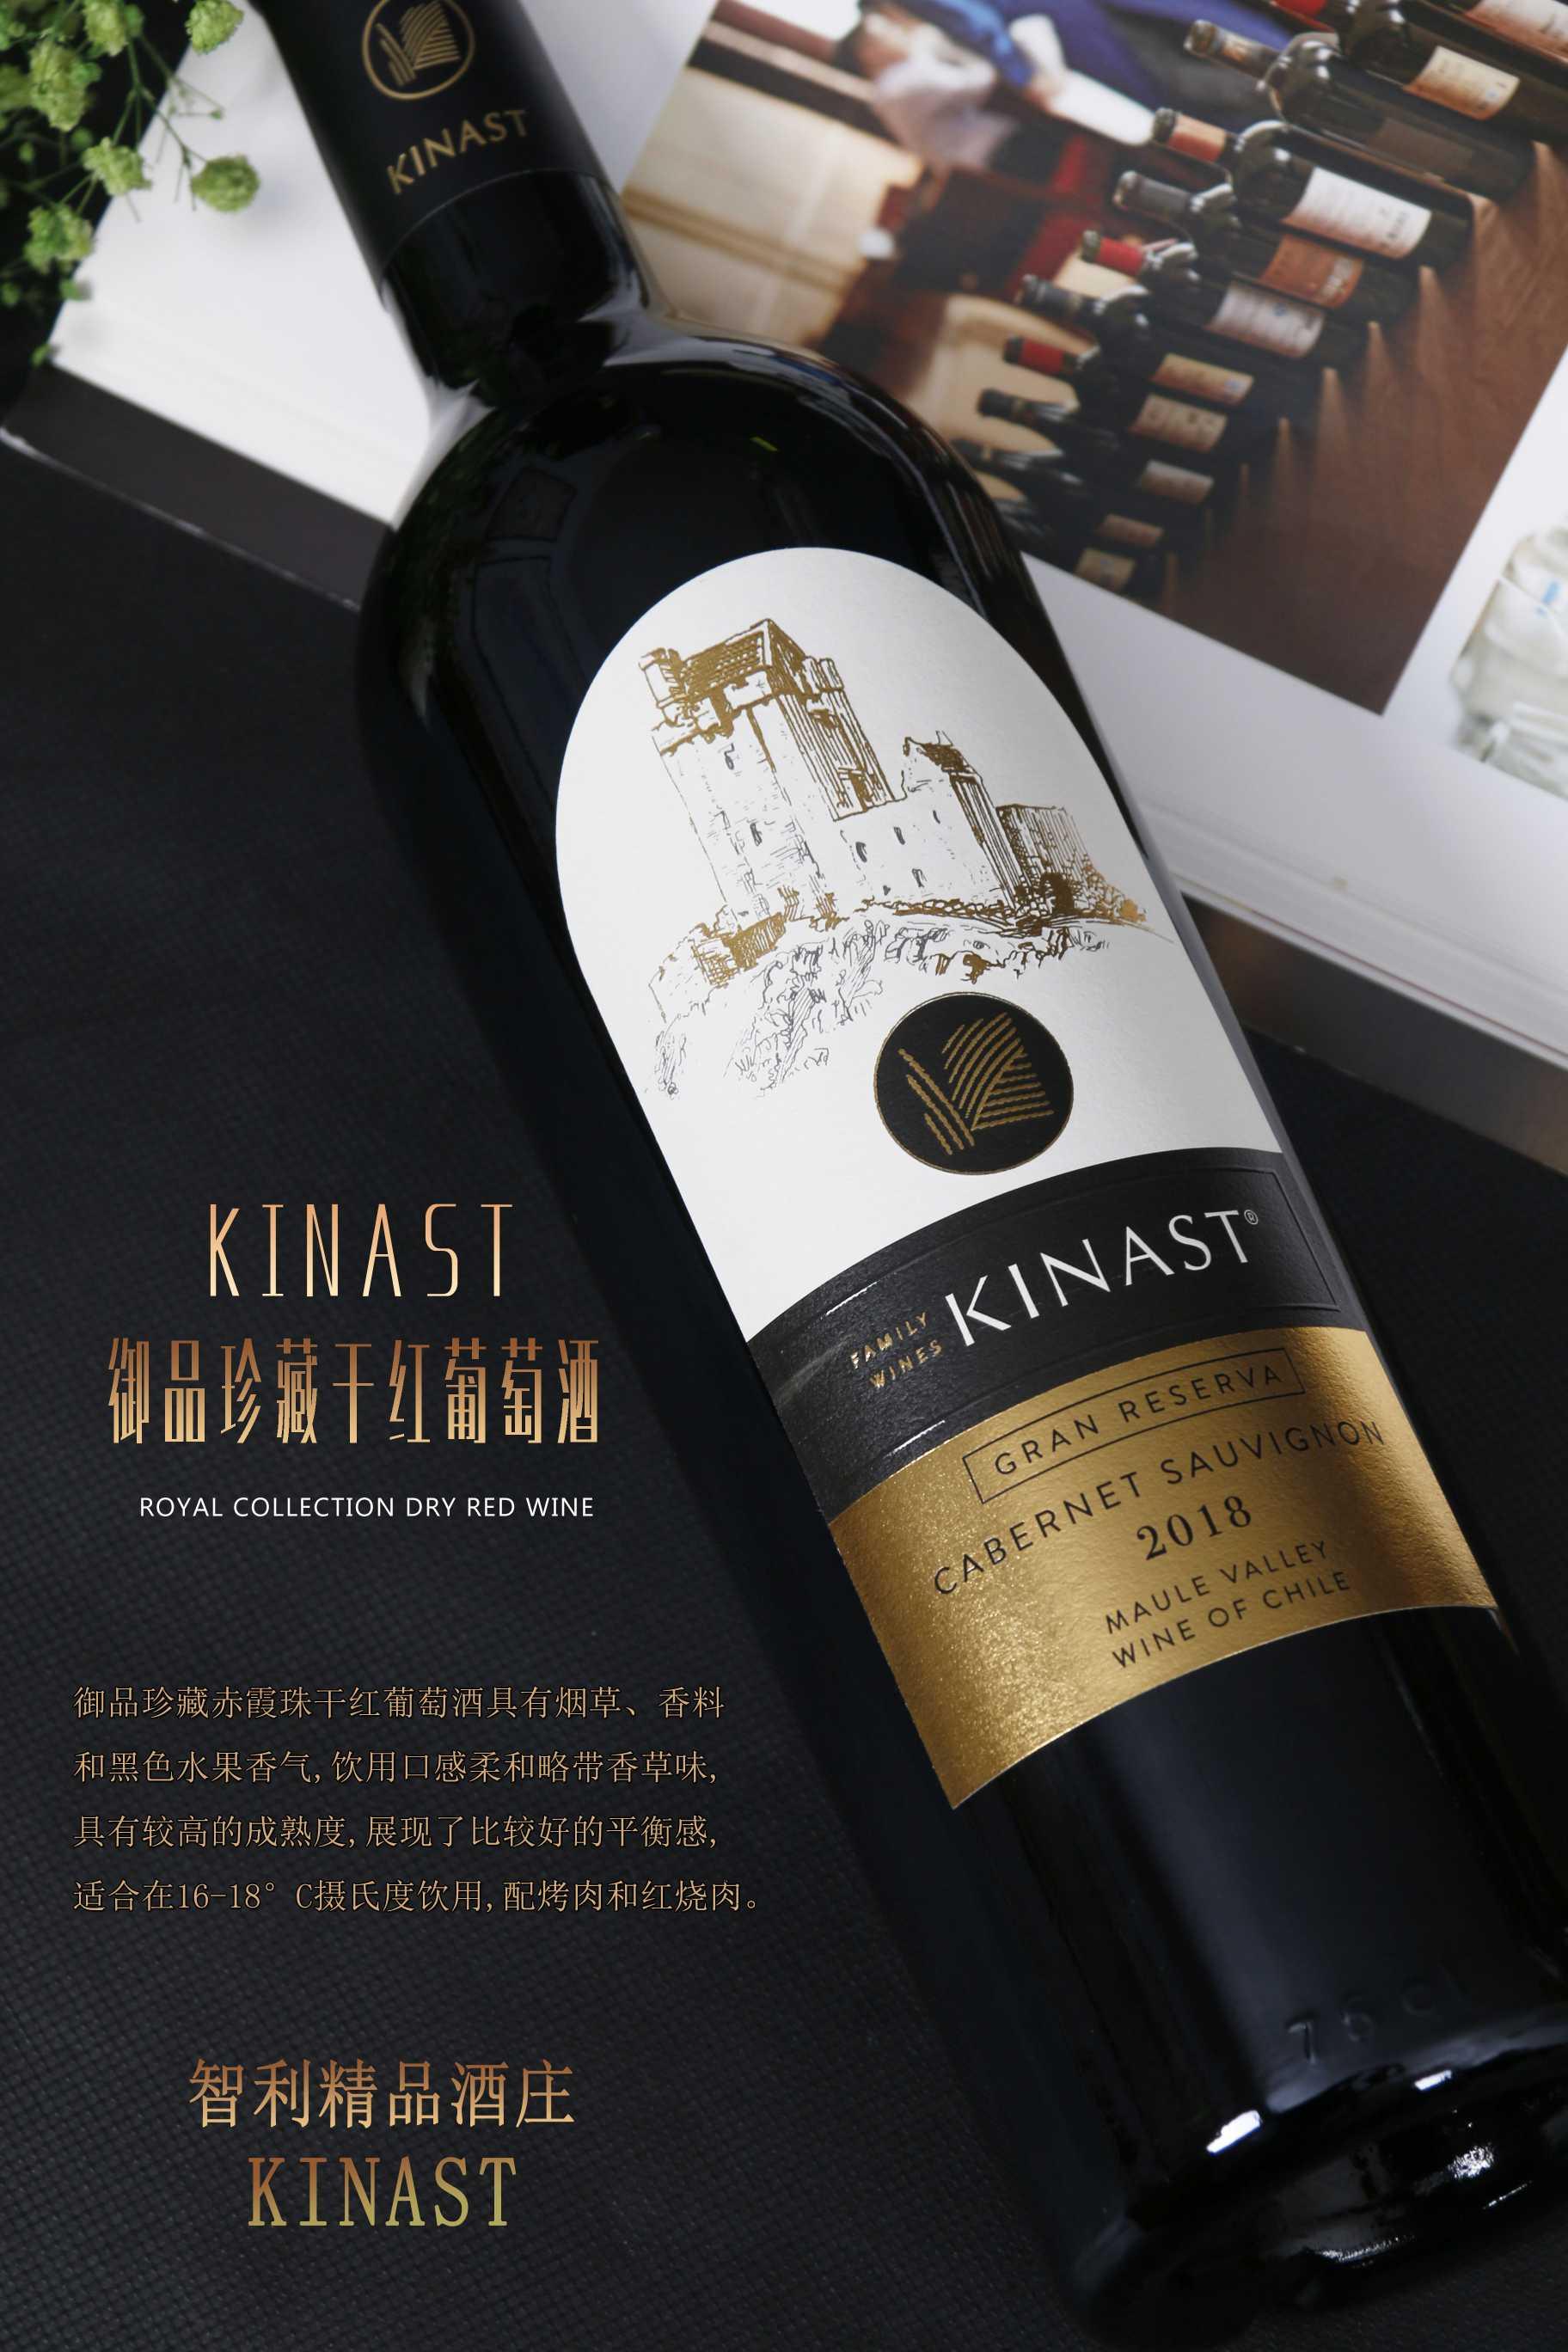 智利金纳斯家族酒庄马乌莱谷KINST 御品珍藏干红葡萄酒